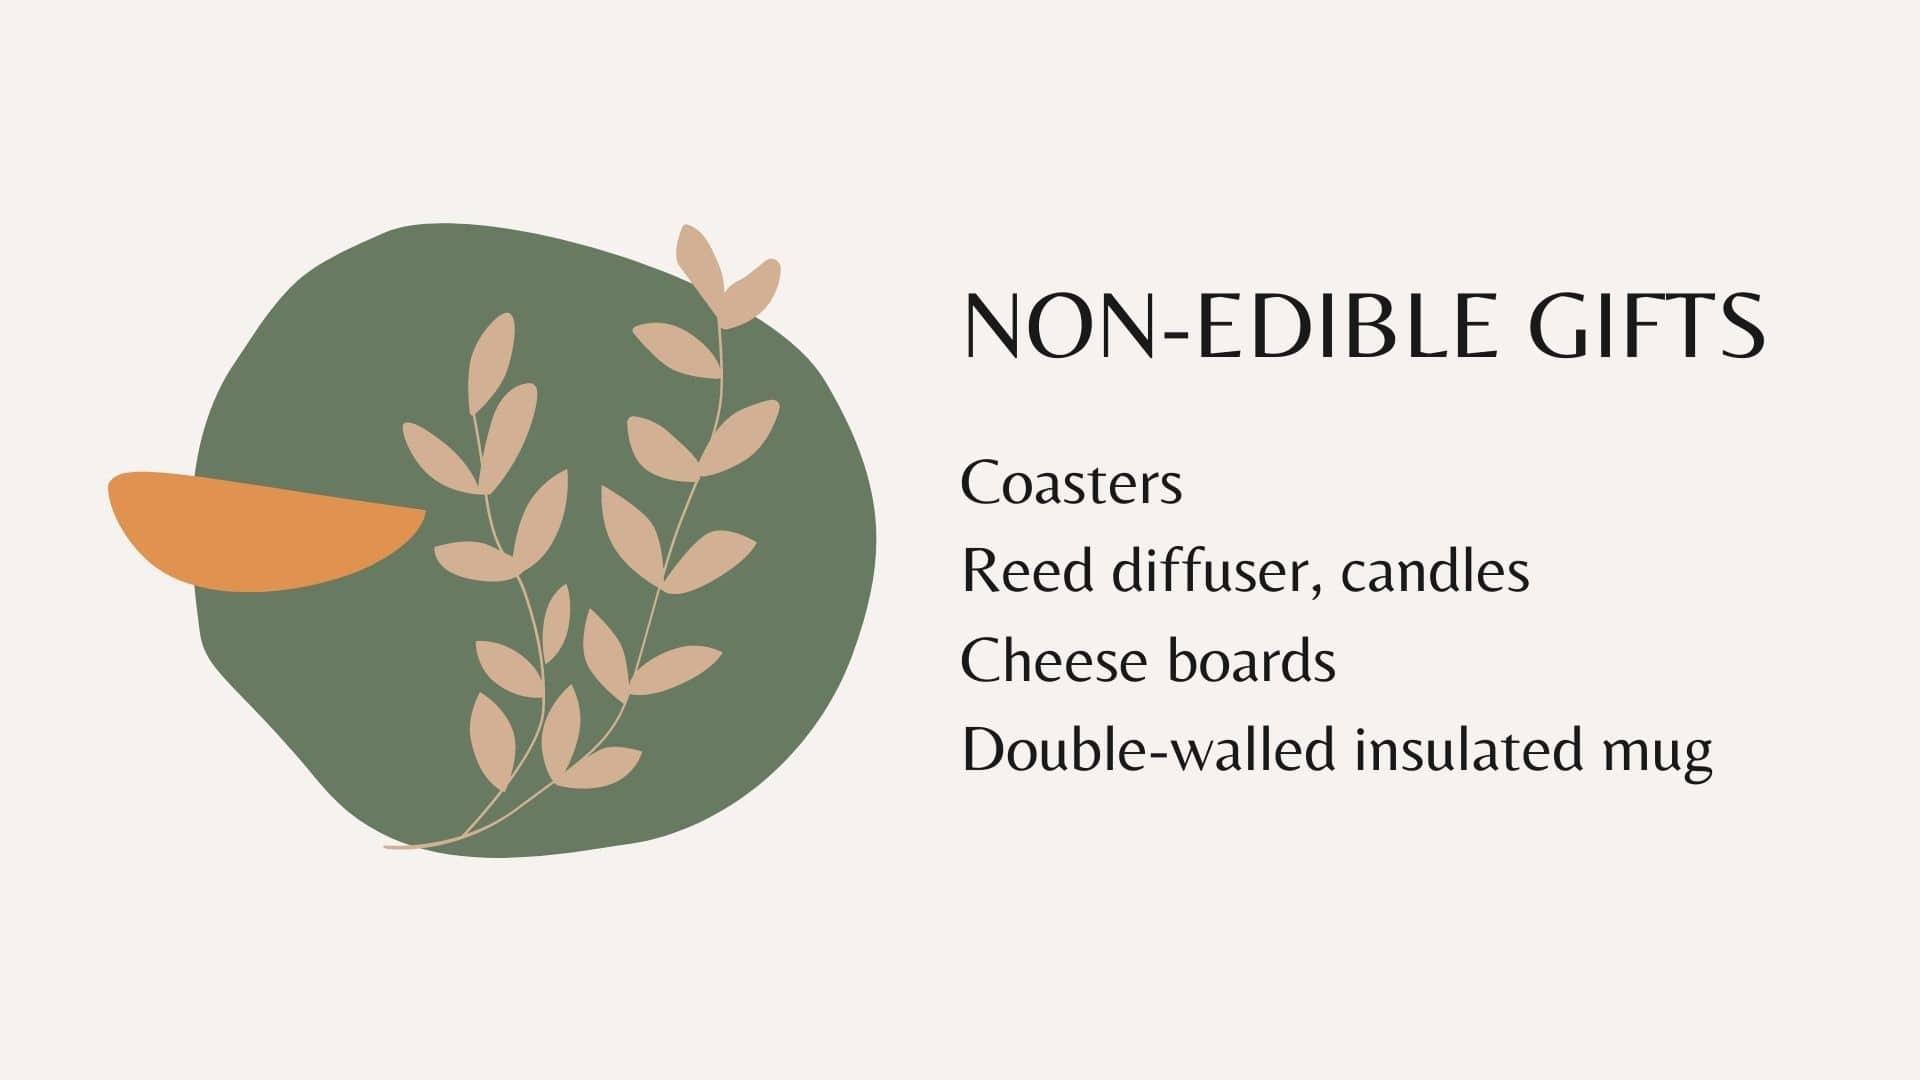 non-edible gifts